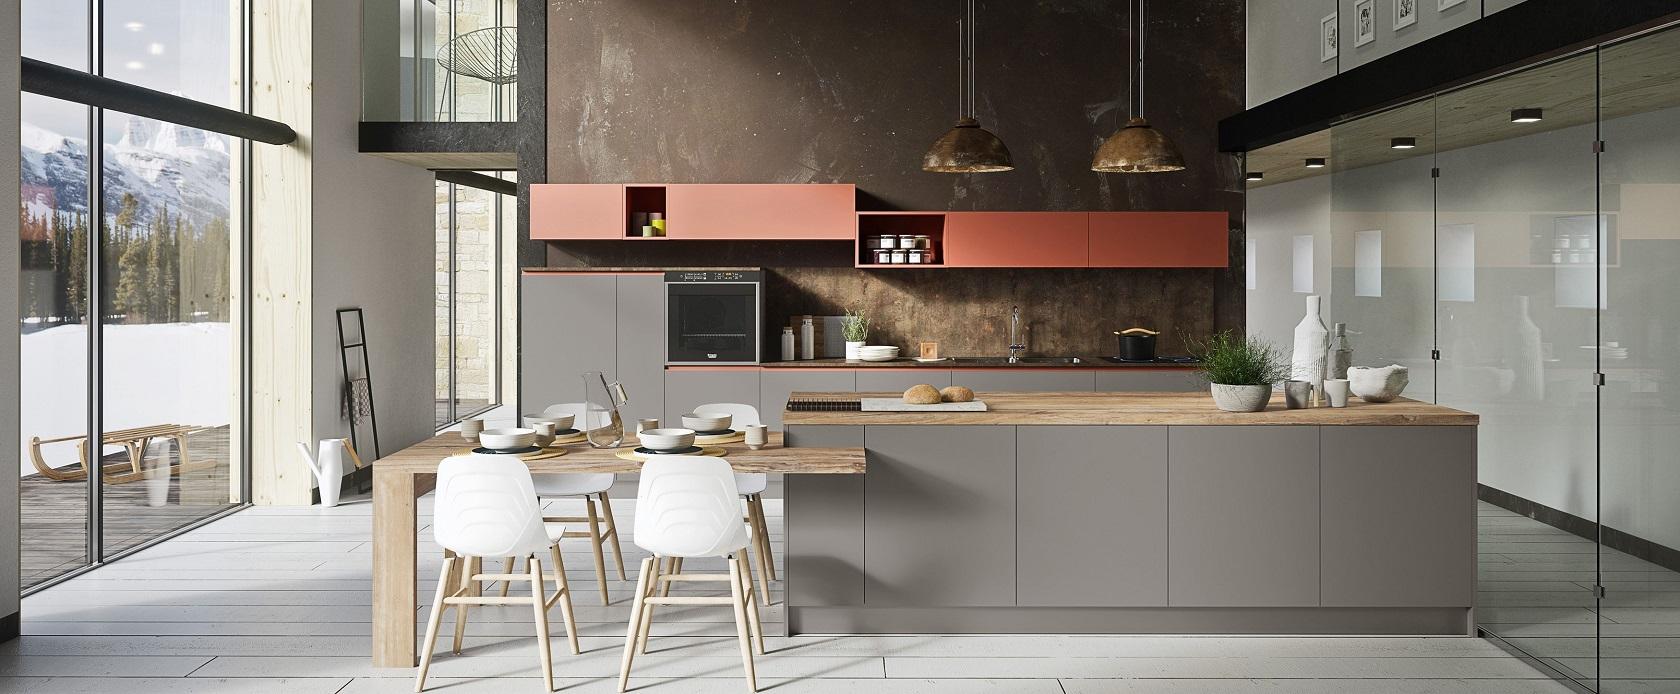 Il Made in Italy firmato Ar-Tre | Archimago Progetto Casa